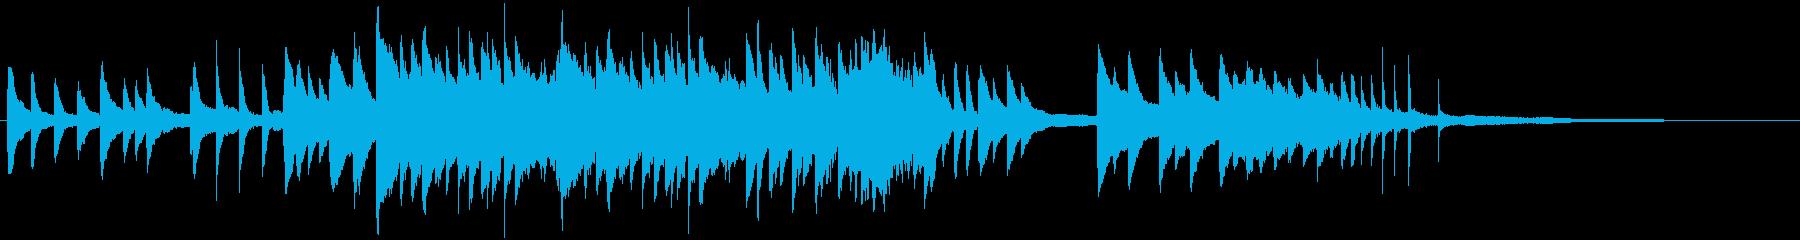 和を感じさせる旋律の切ないピアノソロの再生済みの波形